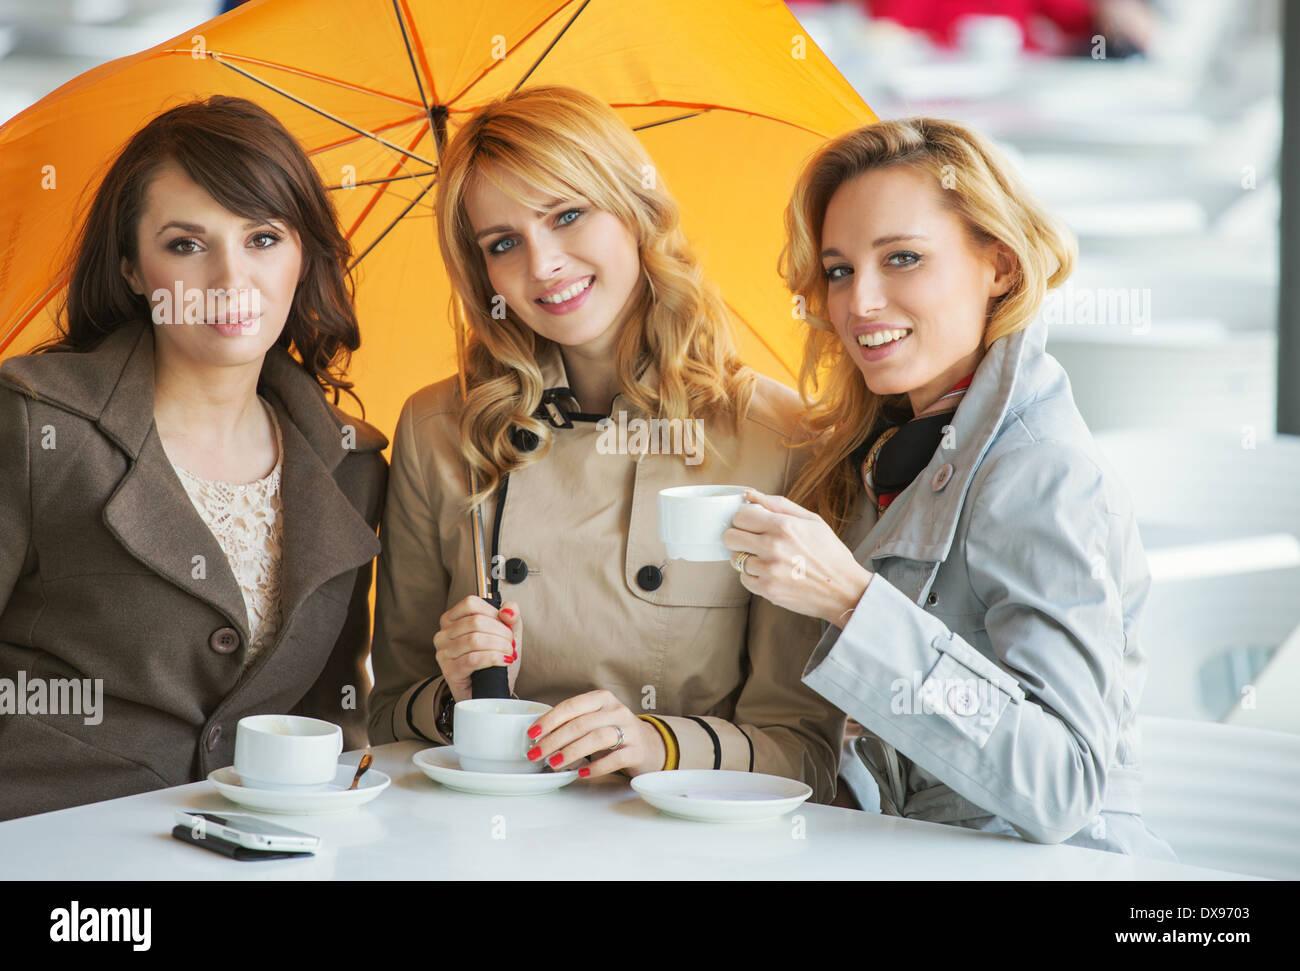 Drei hübsche Frauen, der Kaffee und der Regenschirm Stockbild